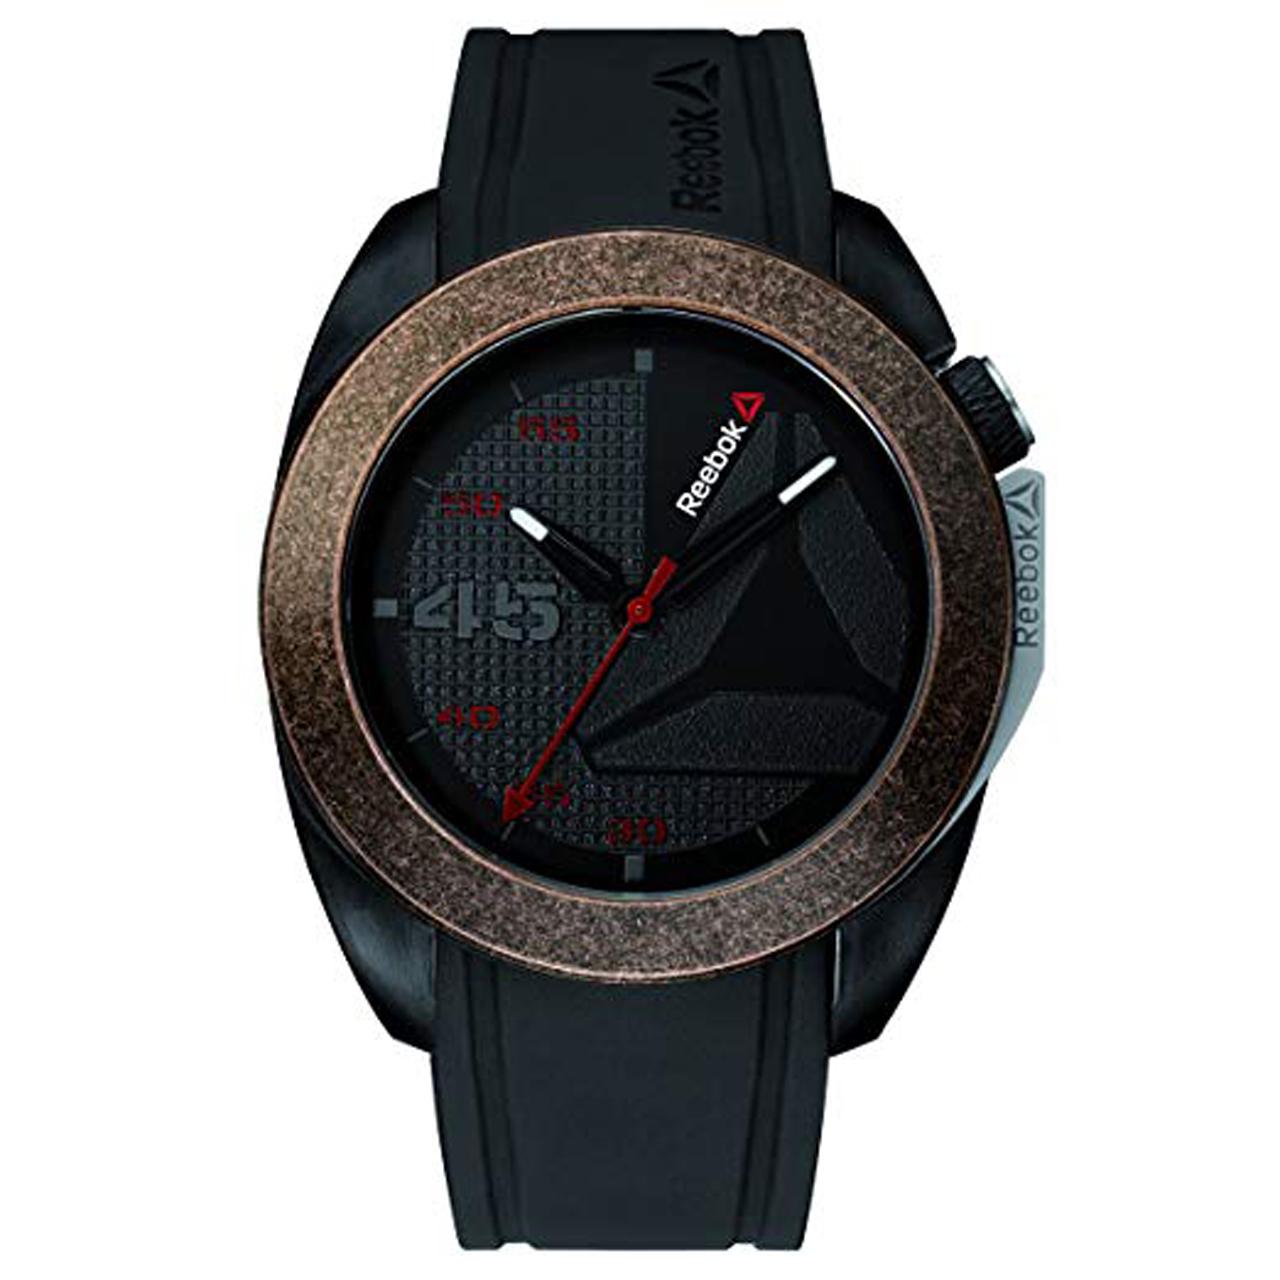 ساعت مچی عقربه ای مردانه ریباک مدل RD-SKO-G2-PBIB-BR 47